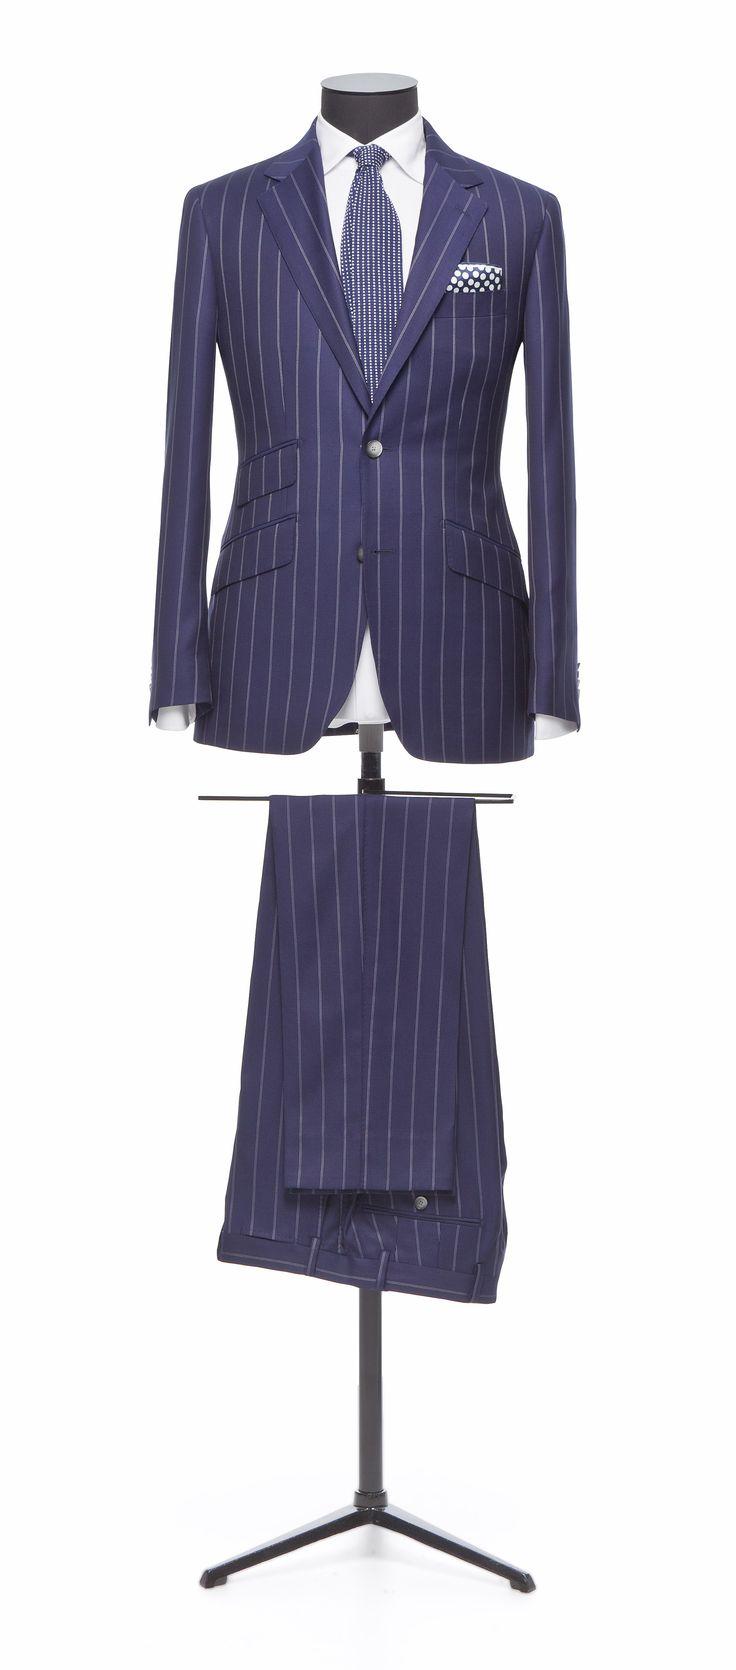 1000 ideas about blue pinstripe suit on pinterest for Blue suit shirt ideas